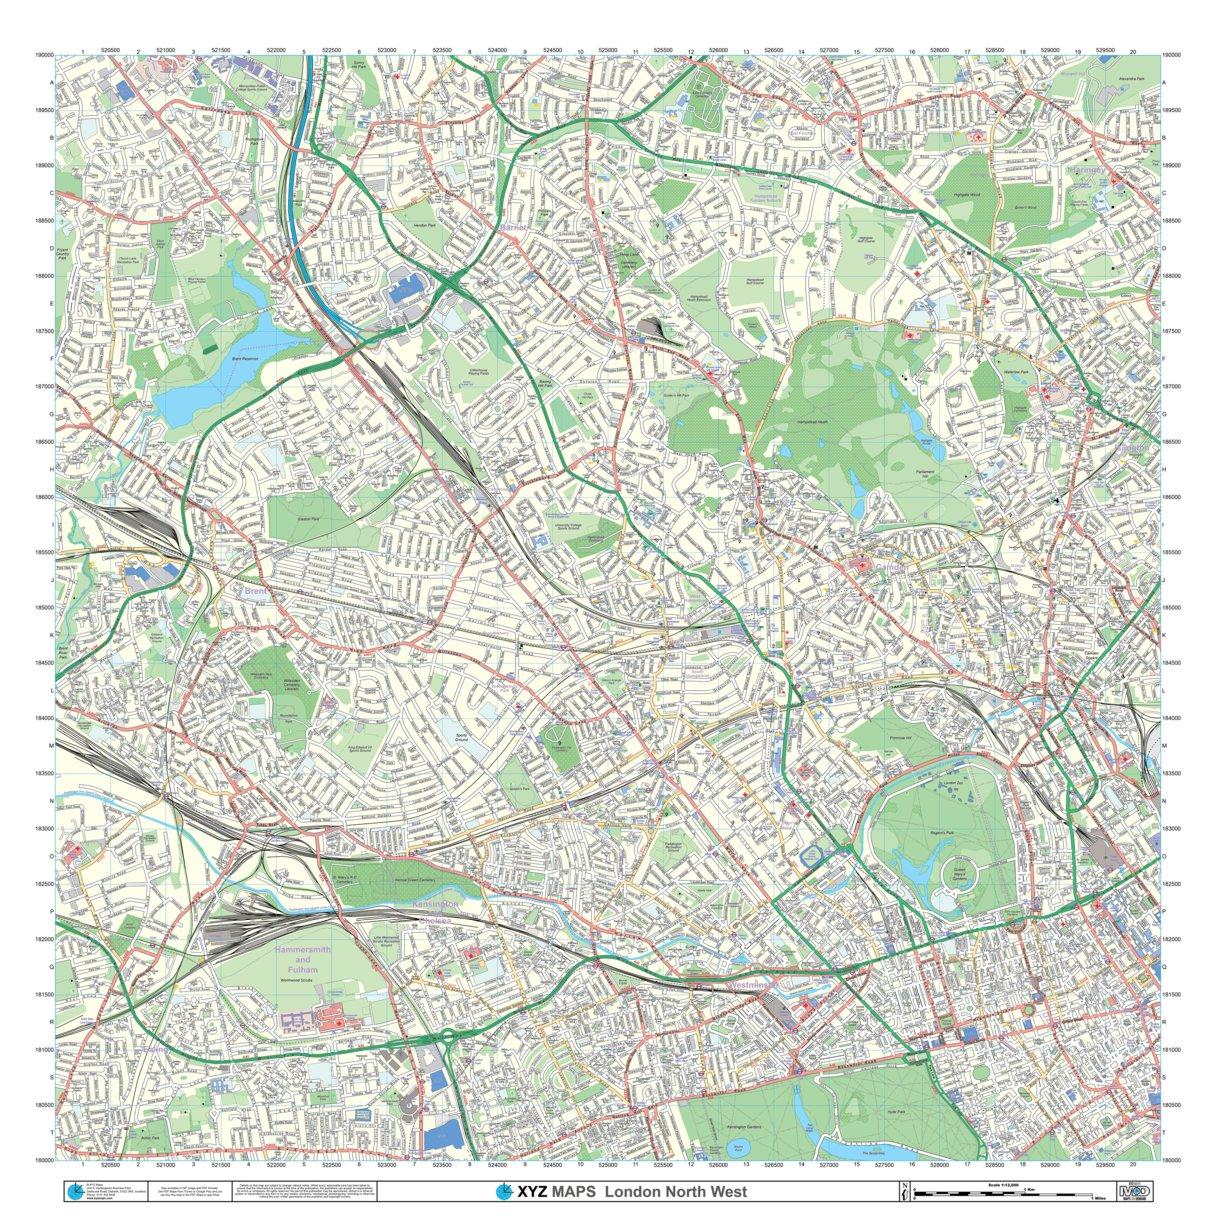 Xyz London North West Imap Xyz Maps Avenza Maps